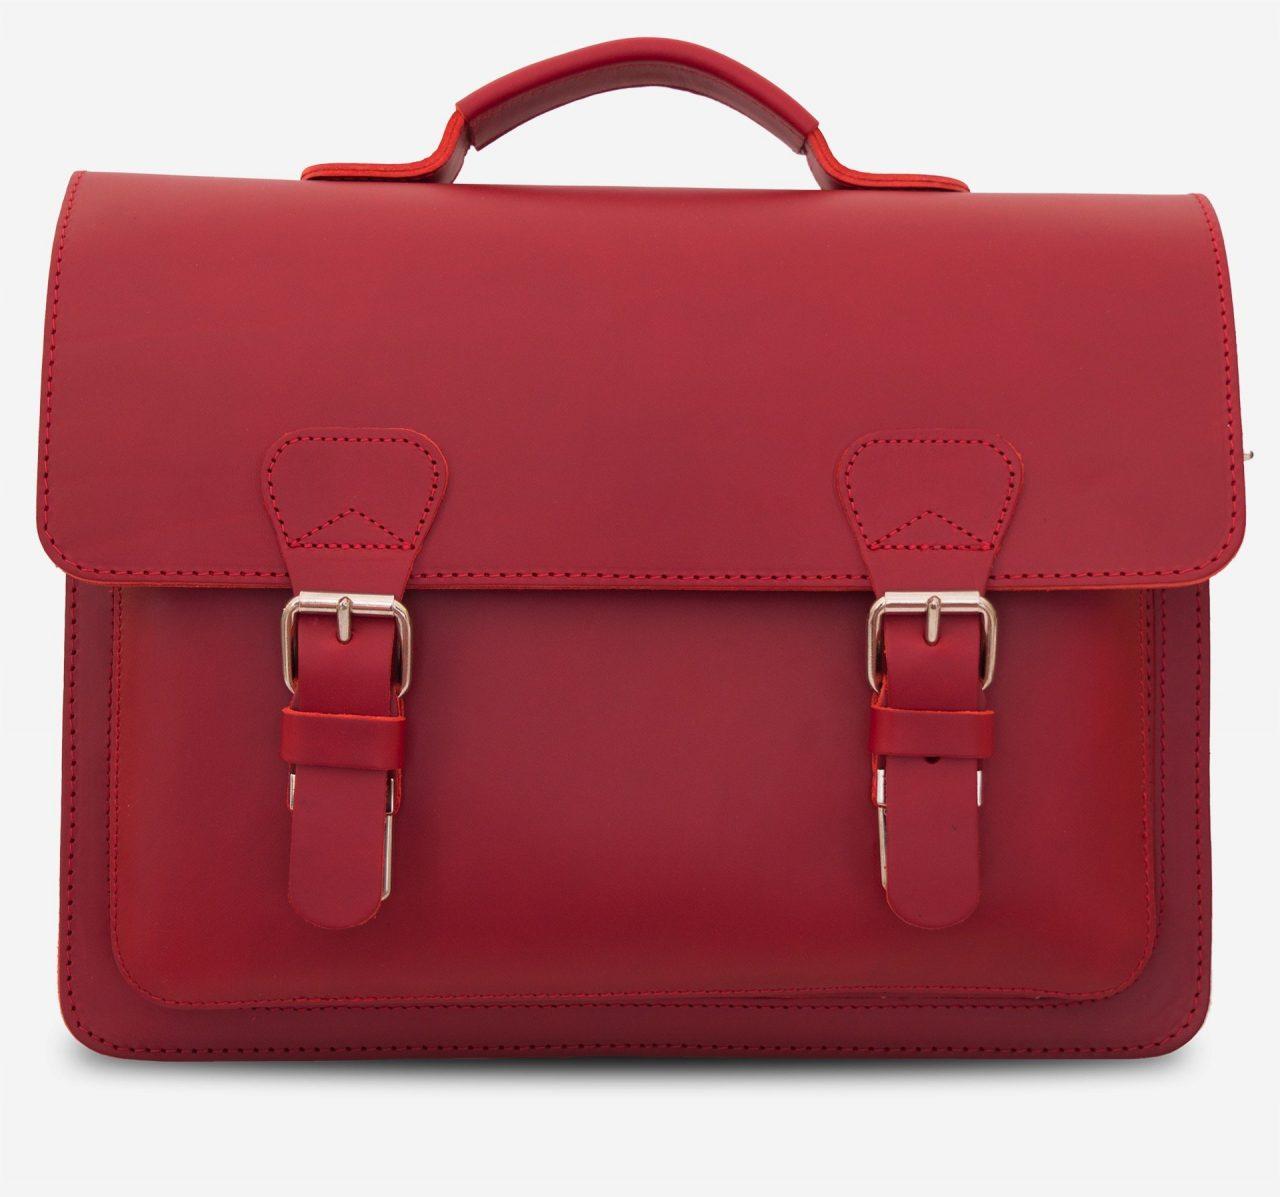 Serviette artisanale en cuir rouge.